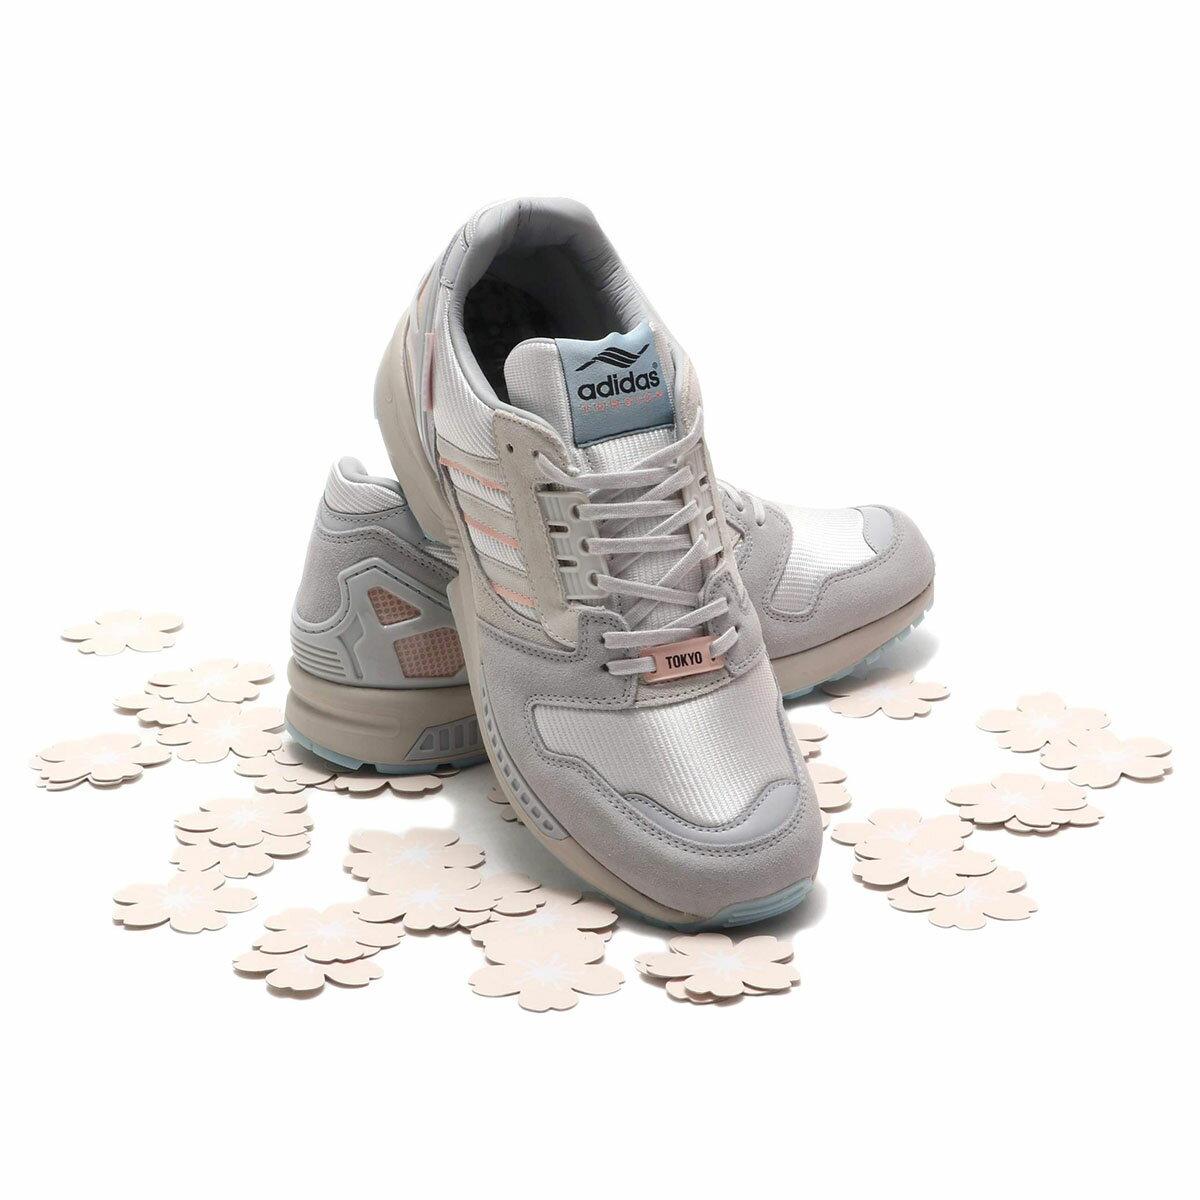 メンズ靴, スニーカー adidas ZX 8000( ZX 8000)GRAY ONEVAPOR PINKGRAY TWO 20SS-S